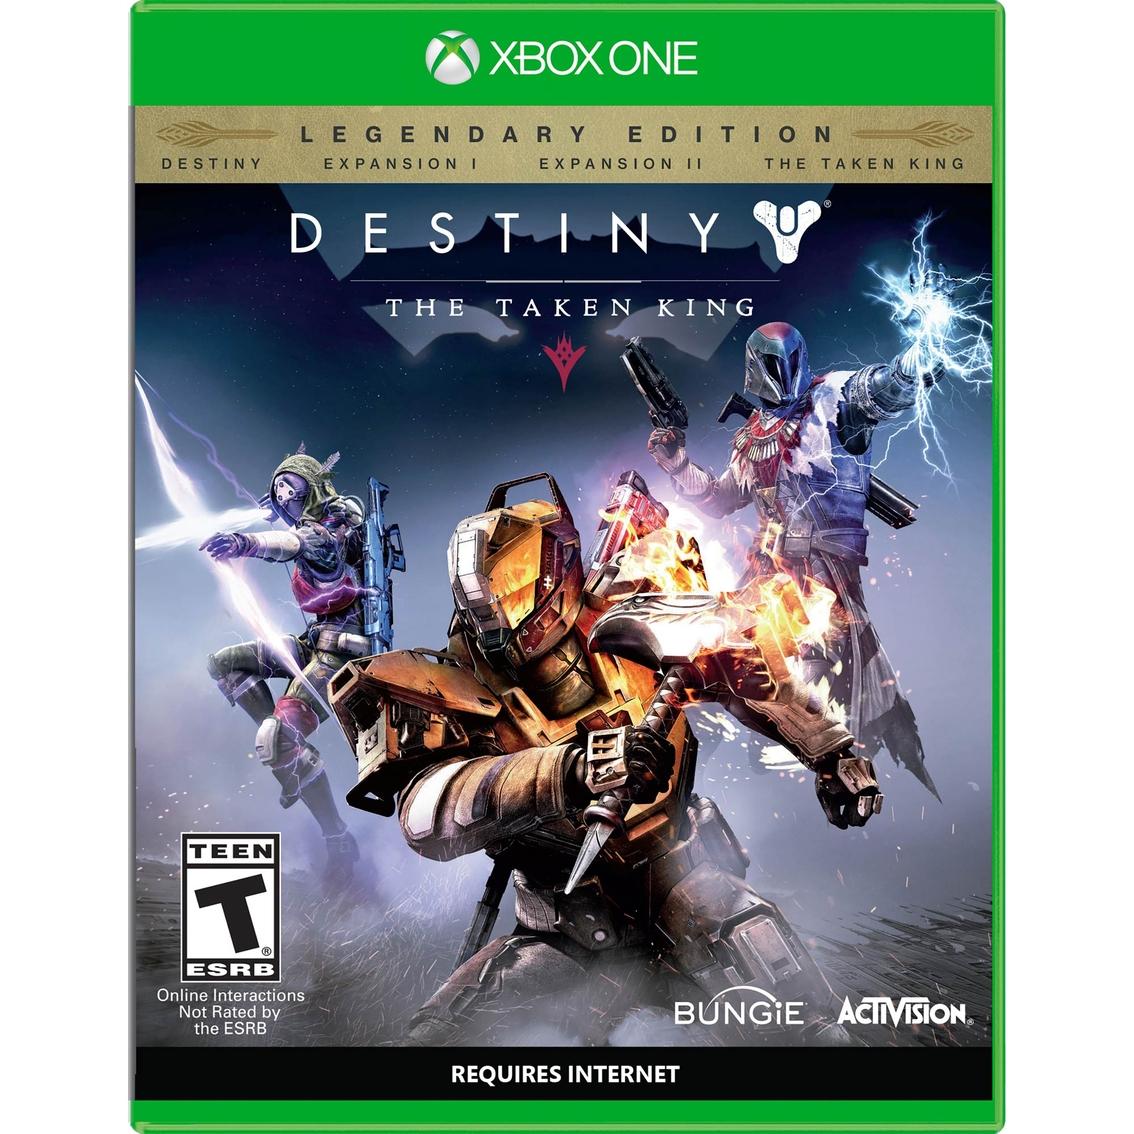 Palacio de Hierro Online descuento del 50% o más en videojuegos. Ejemplo: Destiny: The Taken King de $1,299 a $499